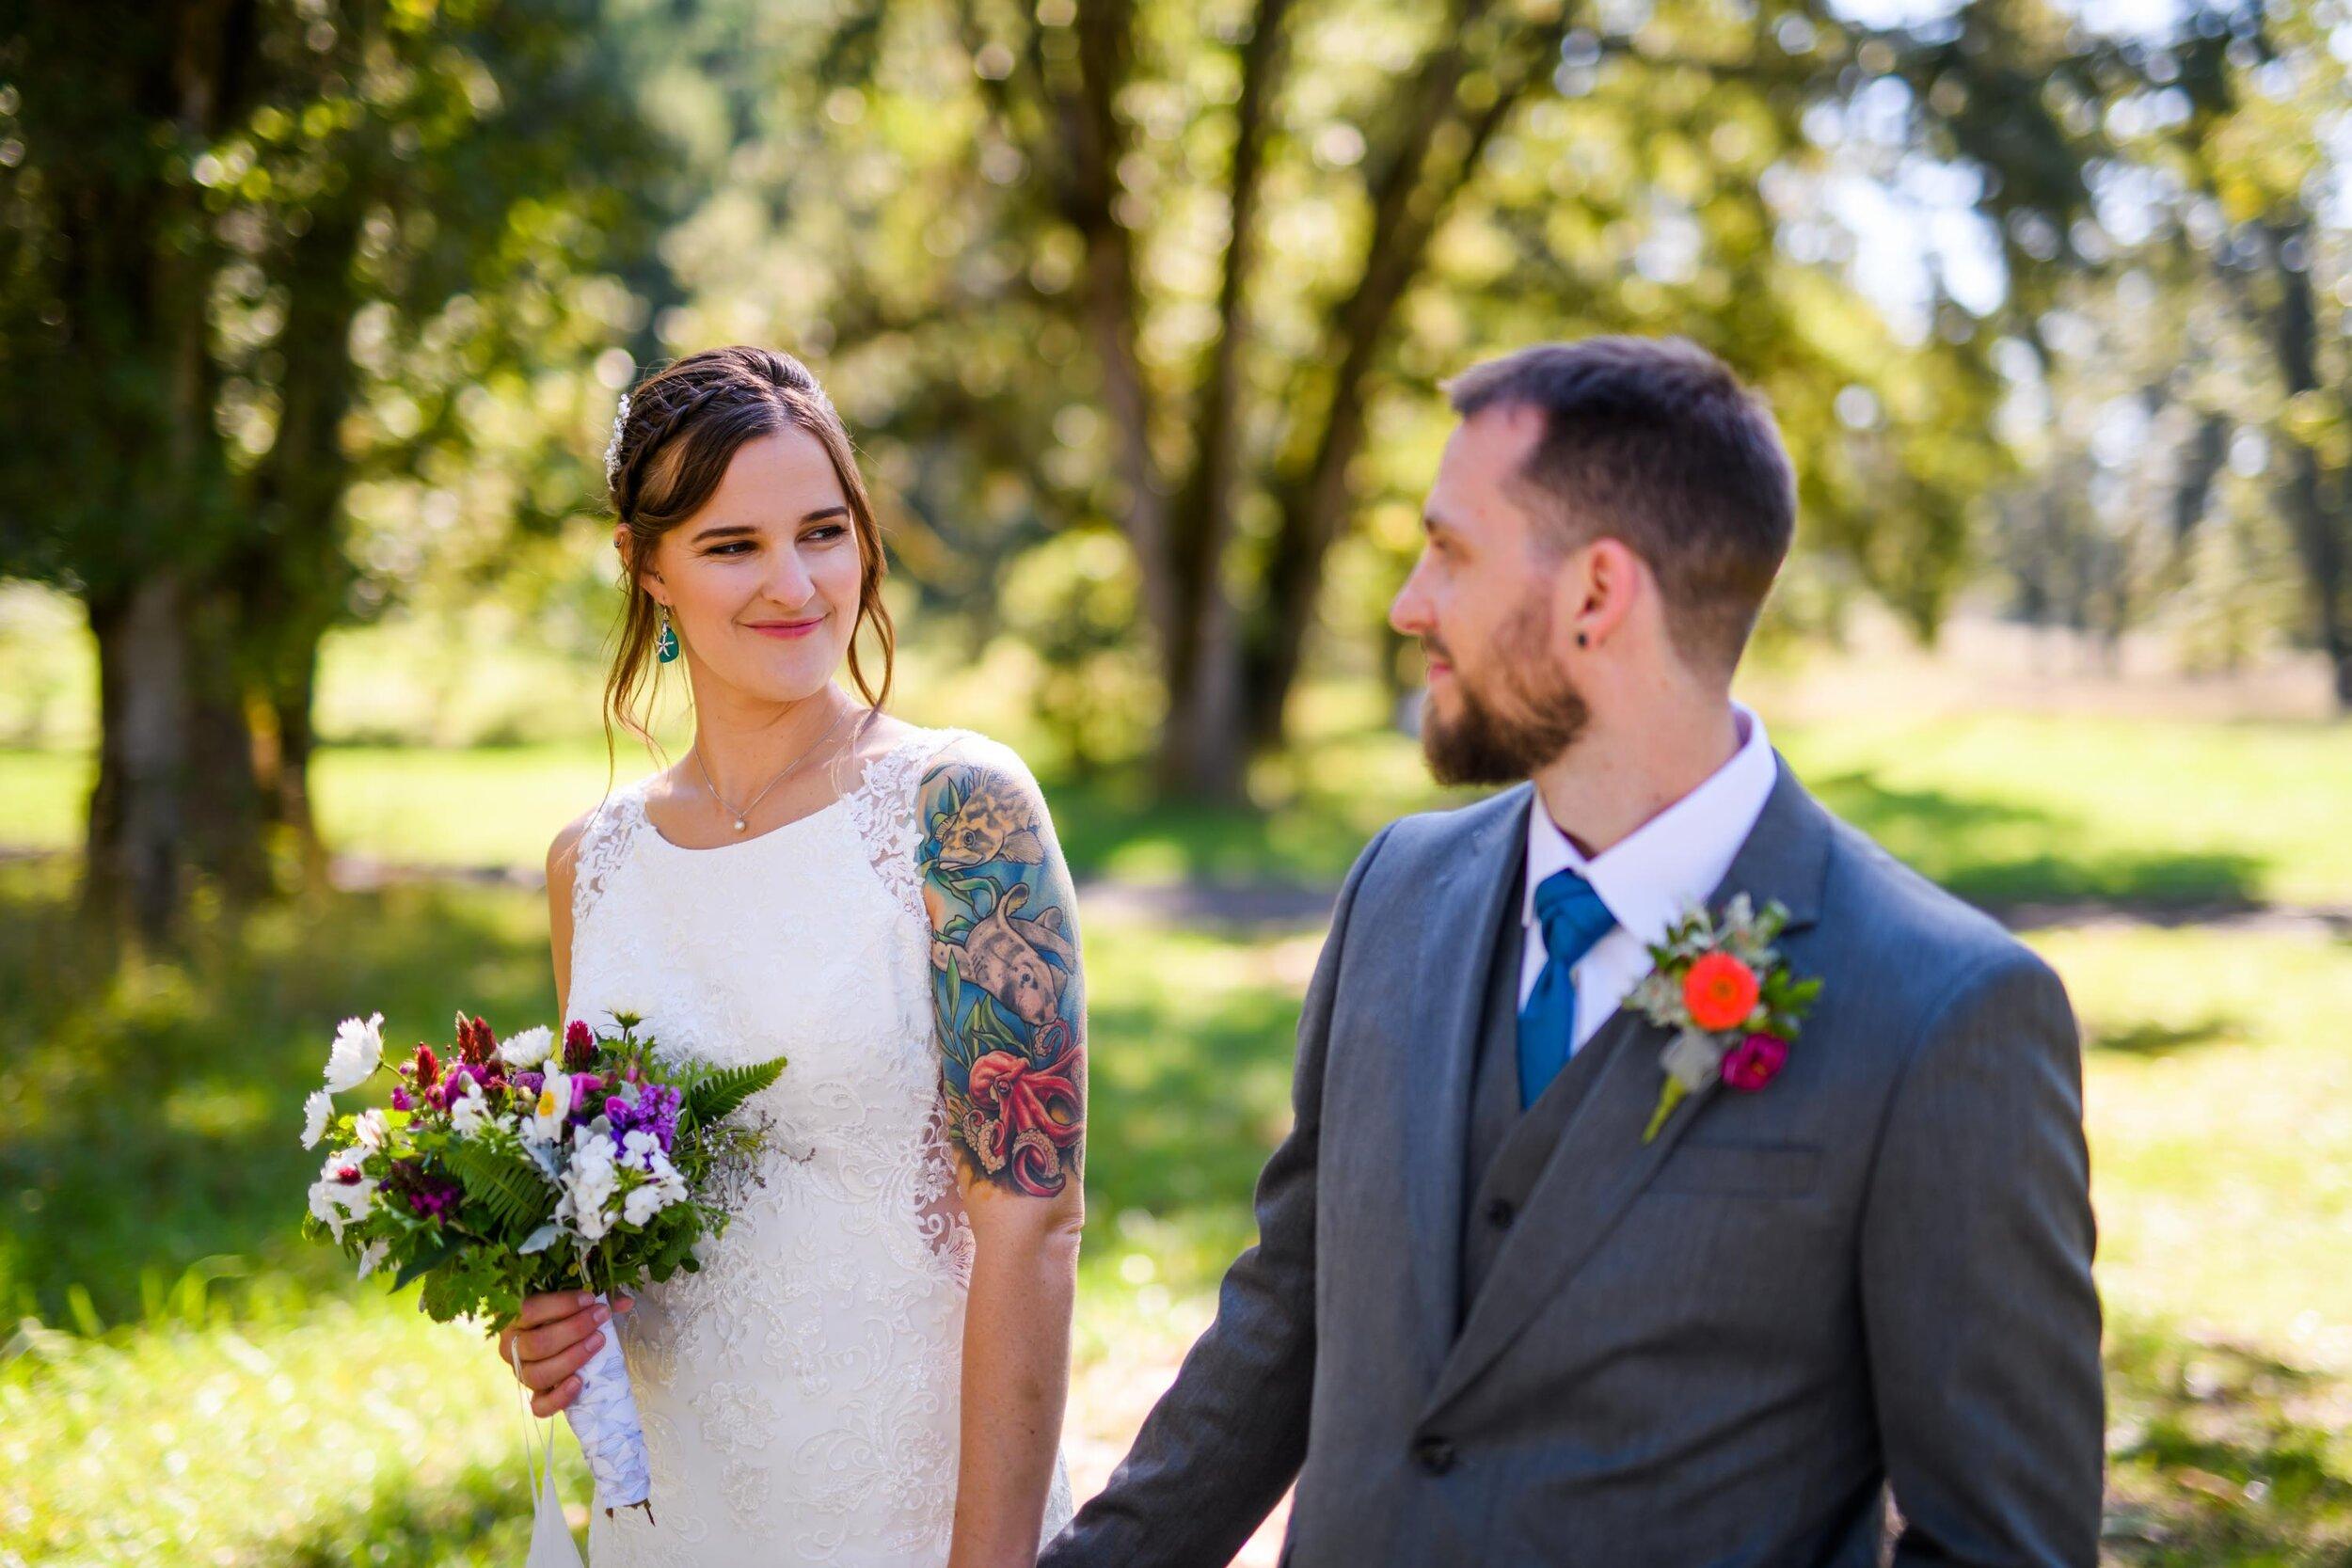 Mt. Pisgah Arboretum wedding photos 29.JPG